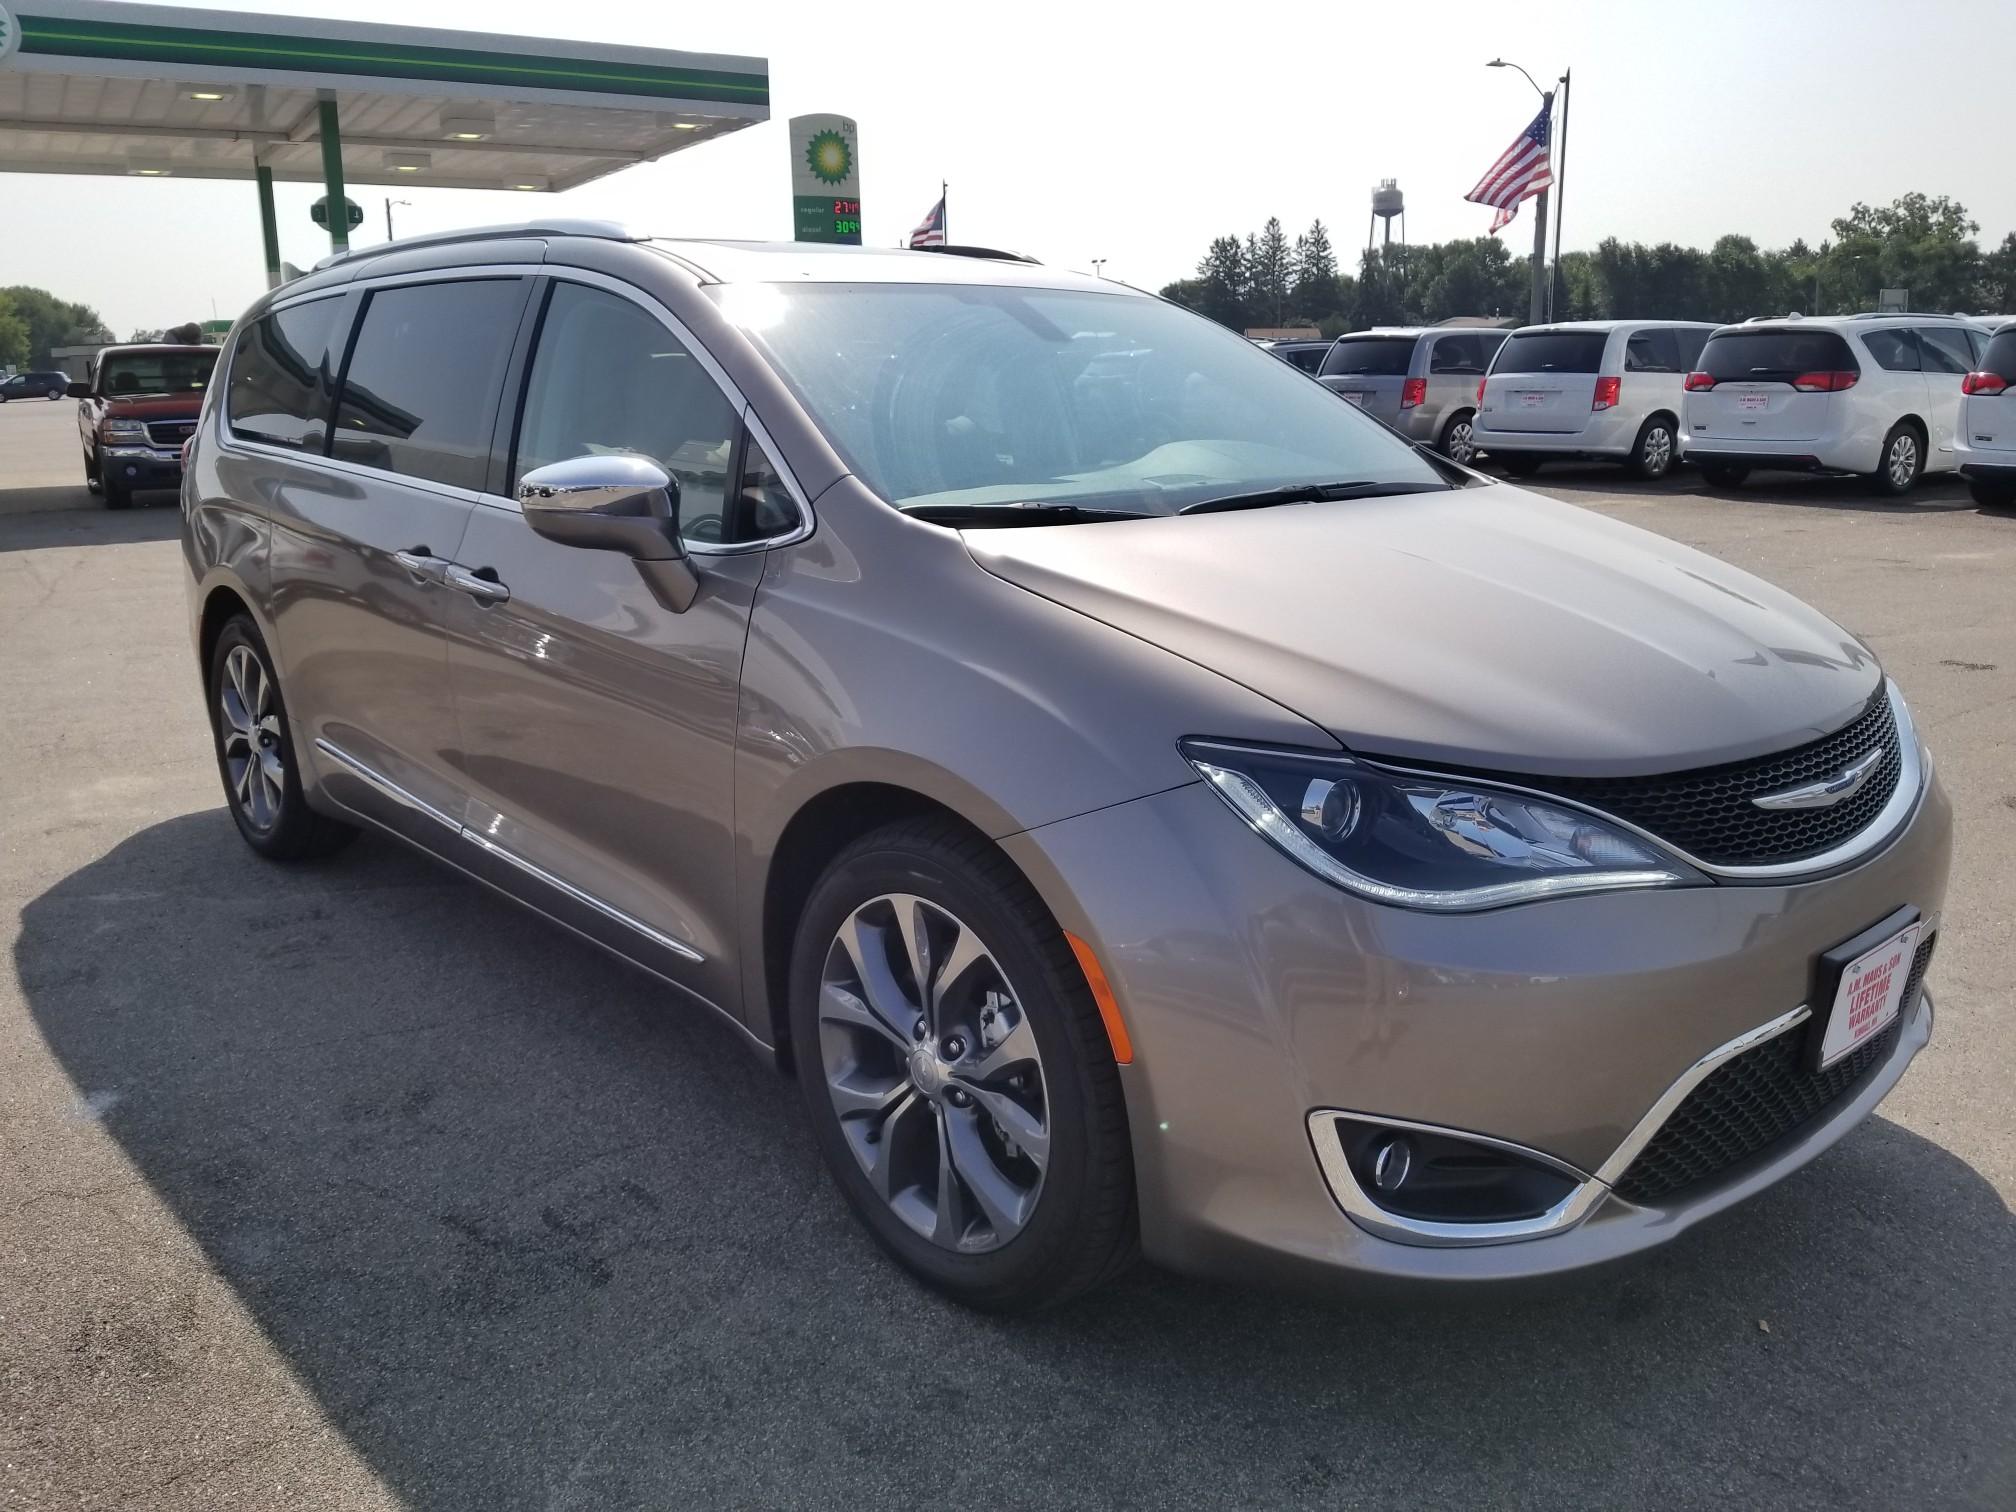 2017 Chrysler Pacifica Limited Passenger Van